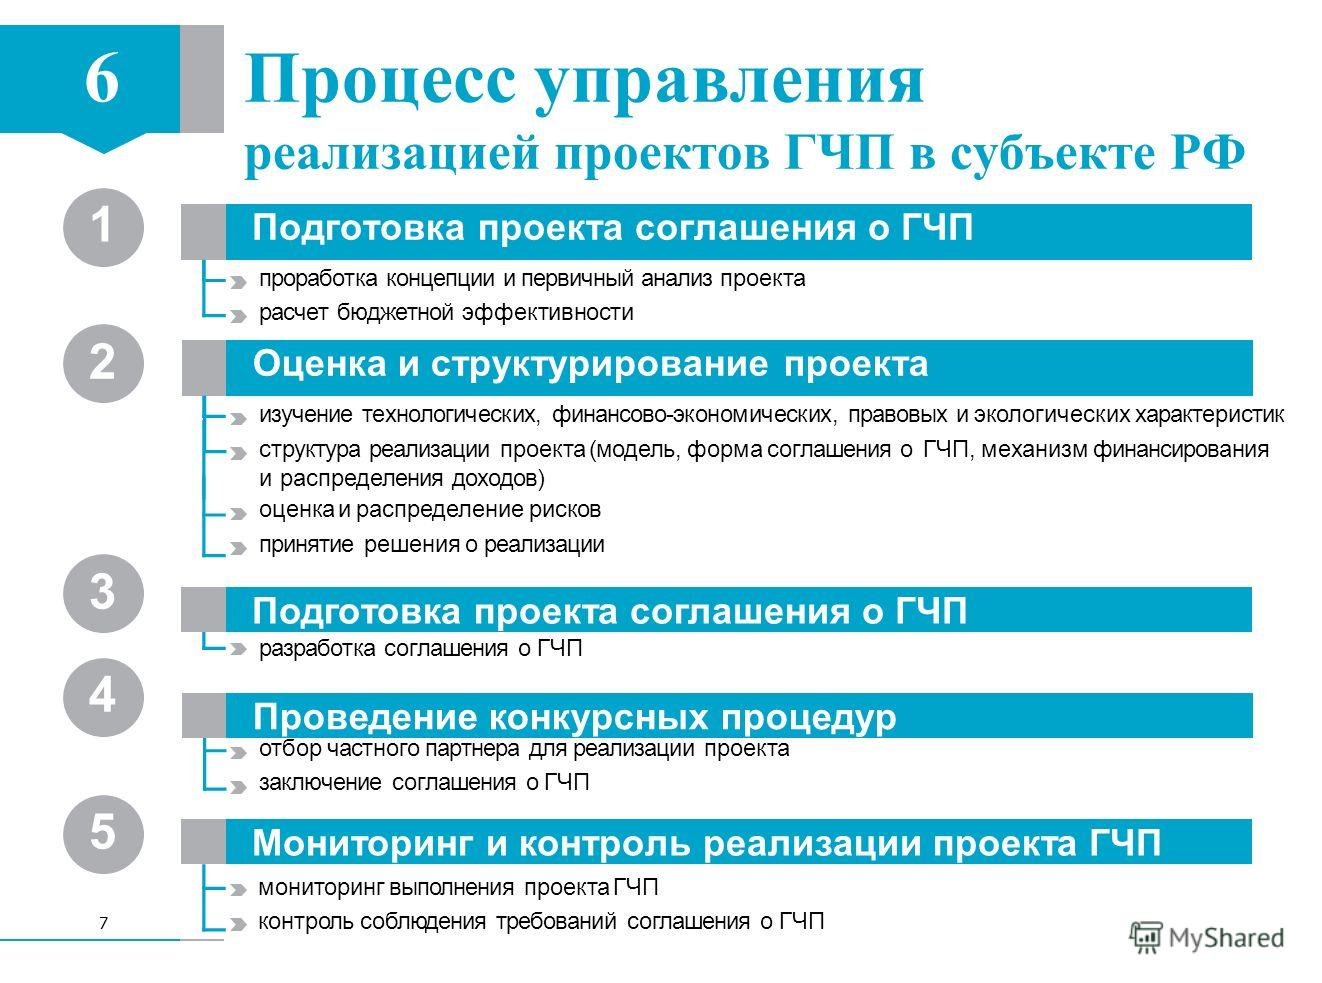 Государственно-частное партнерство - меры поддержки - инвестиционный портал санкт-петербурга